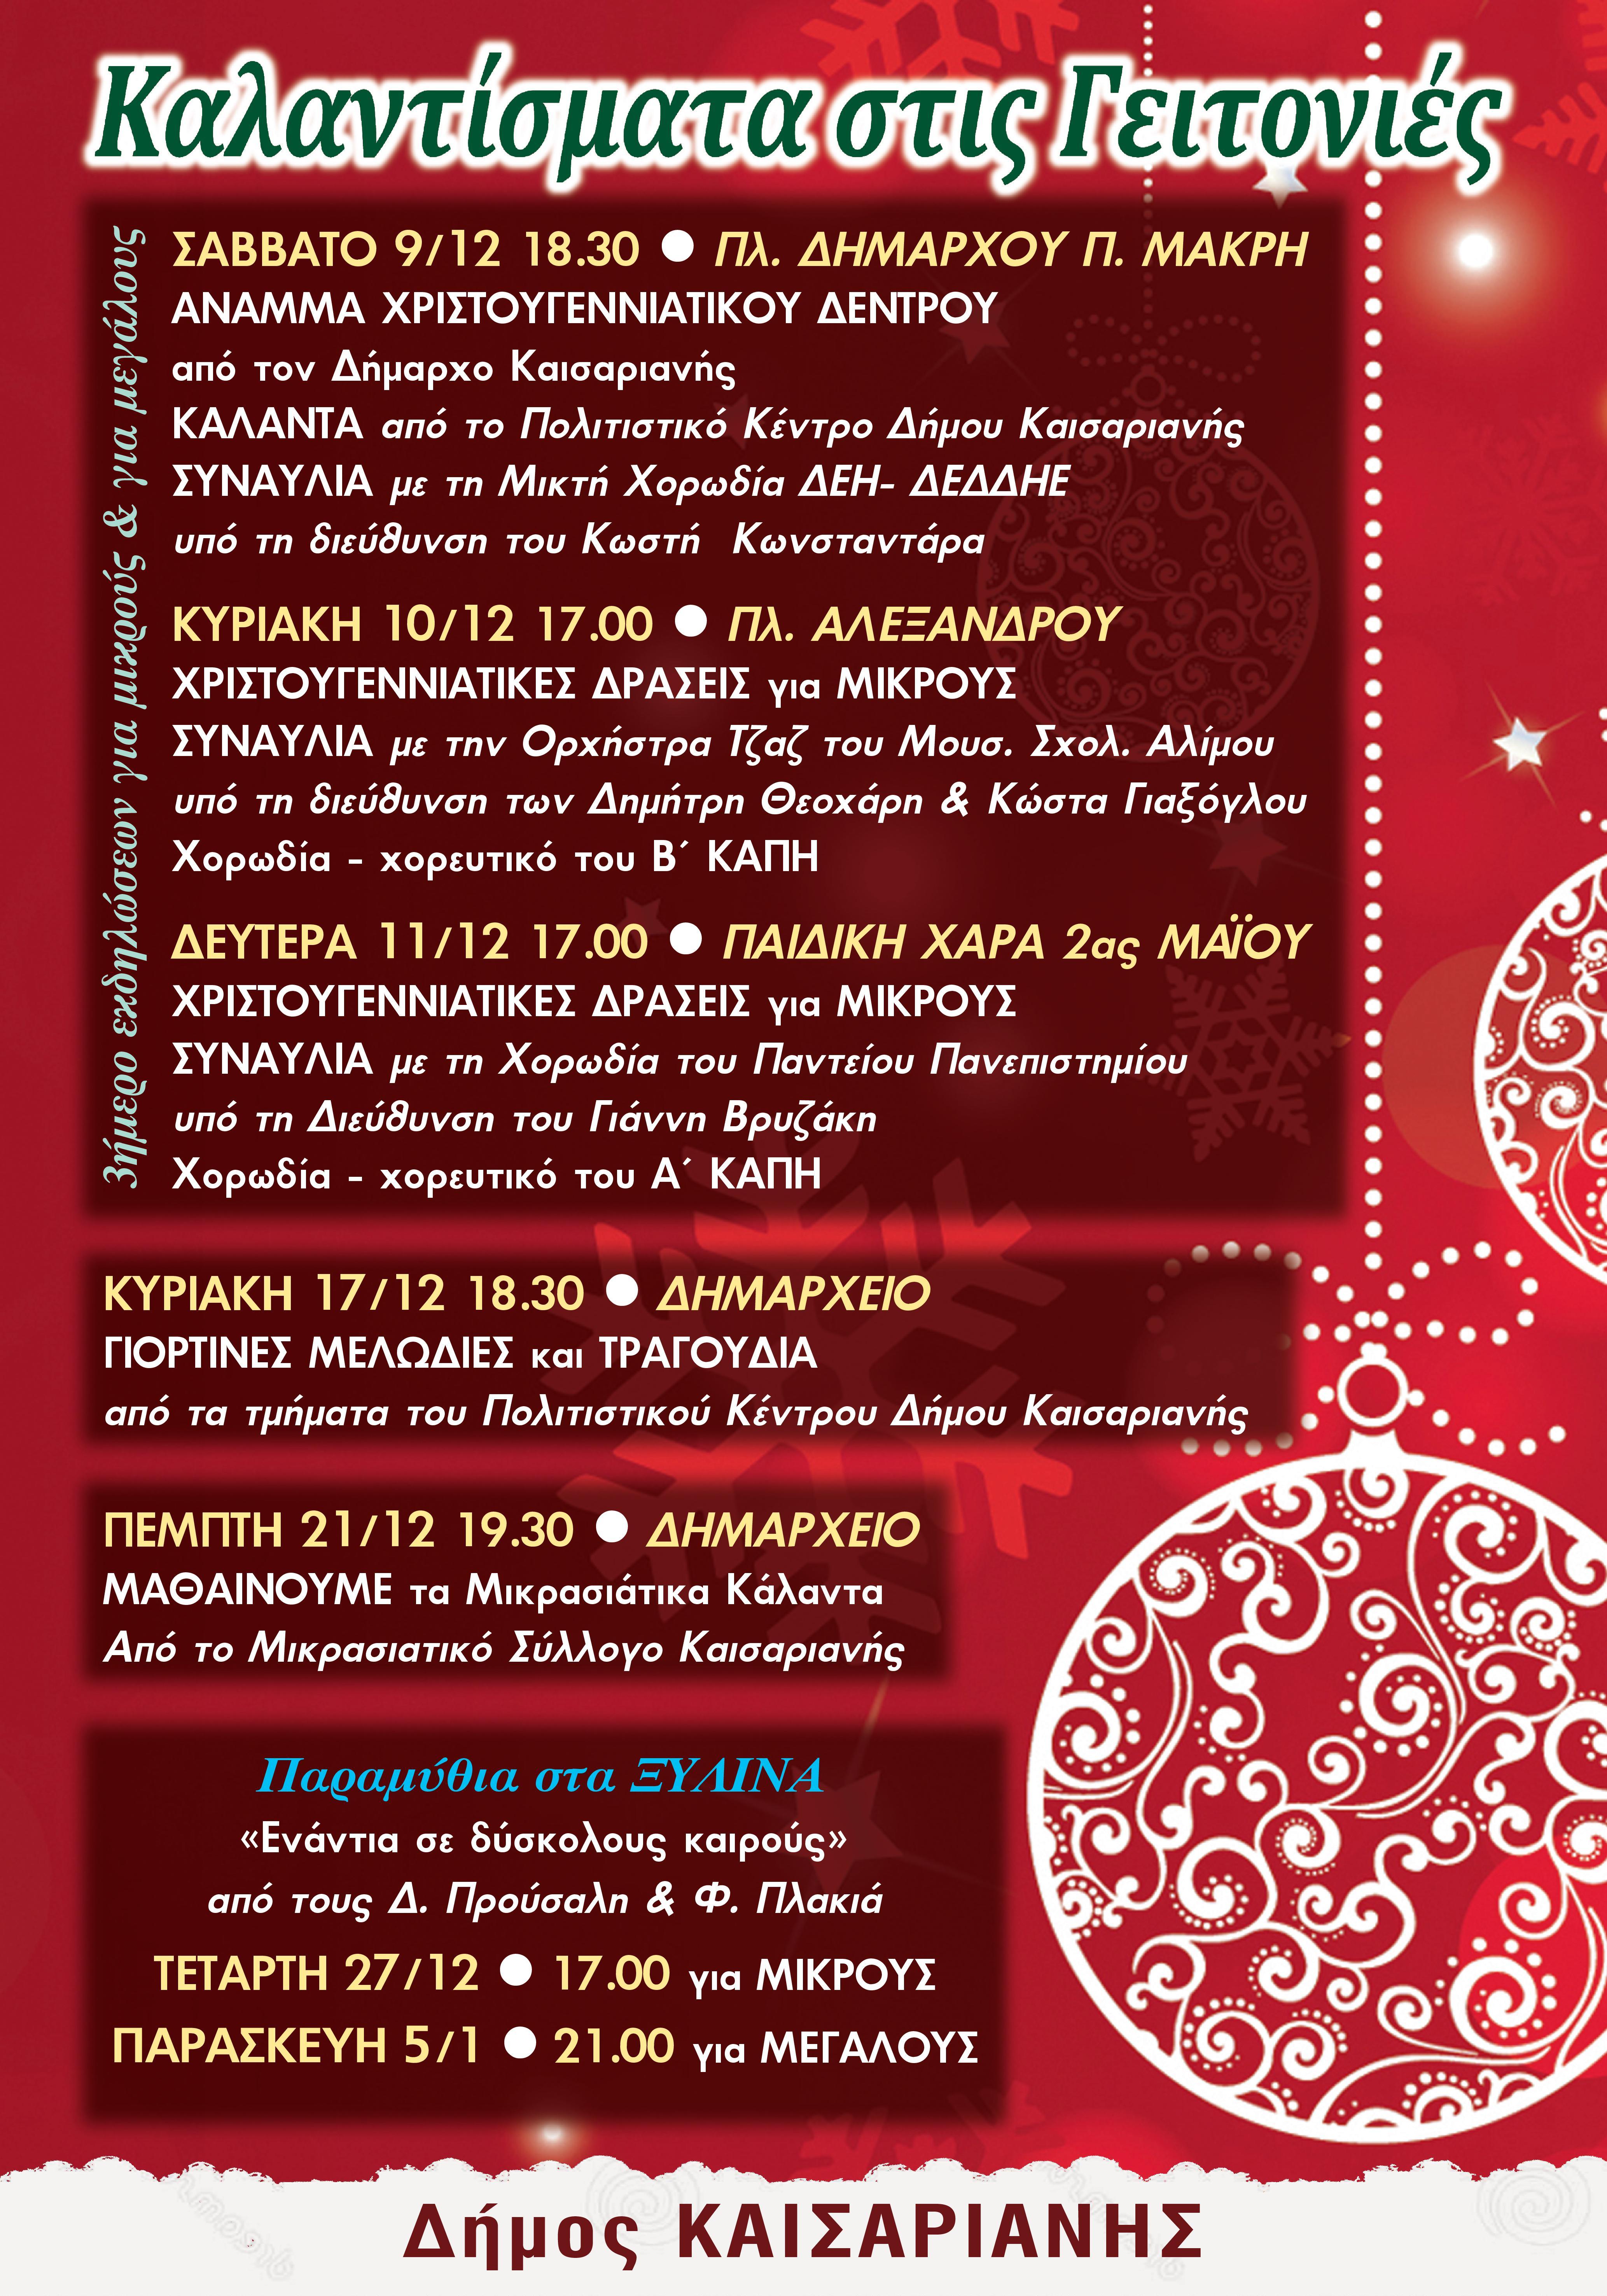 """Χριστουγεννιάτικες Εκδηλώσεις Δήμου Καισαριανής: """"Καλαντίσματα στις Γειτονιές"""""""